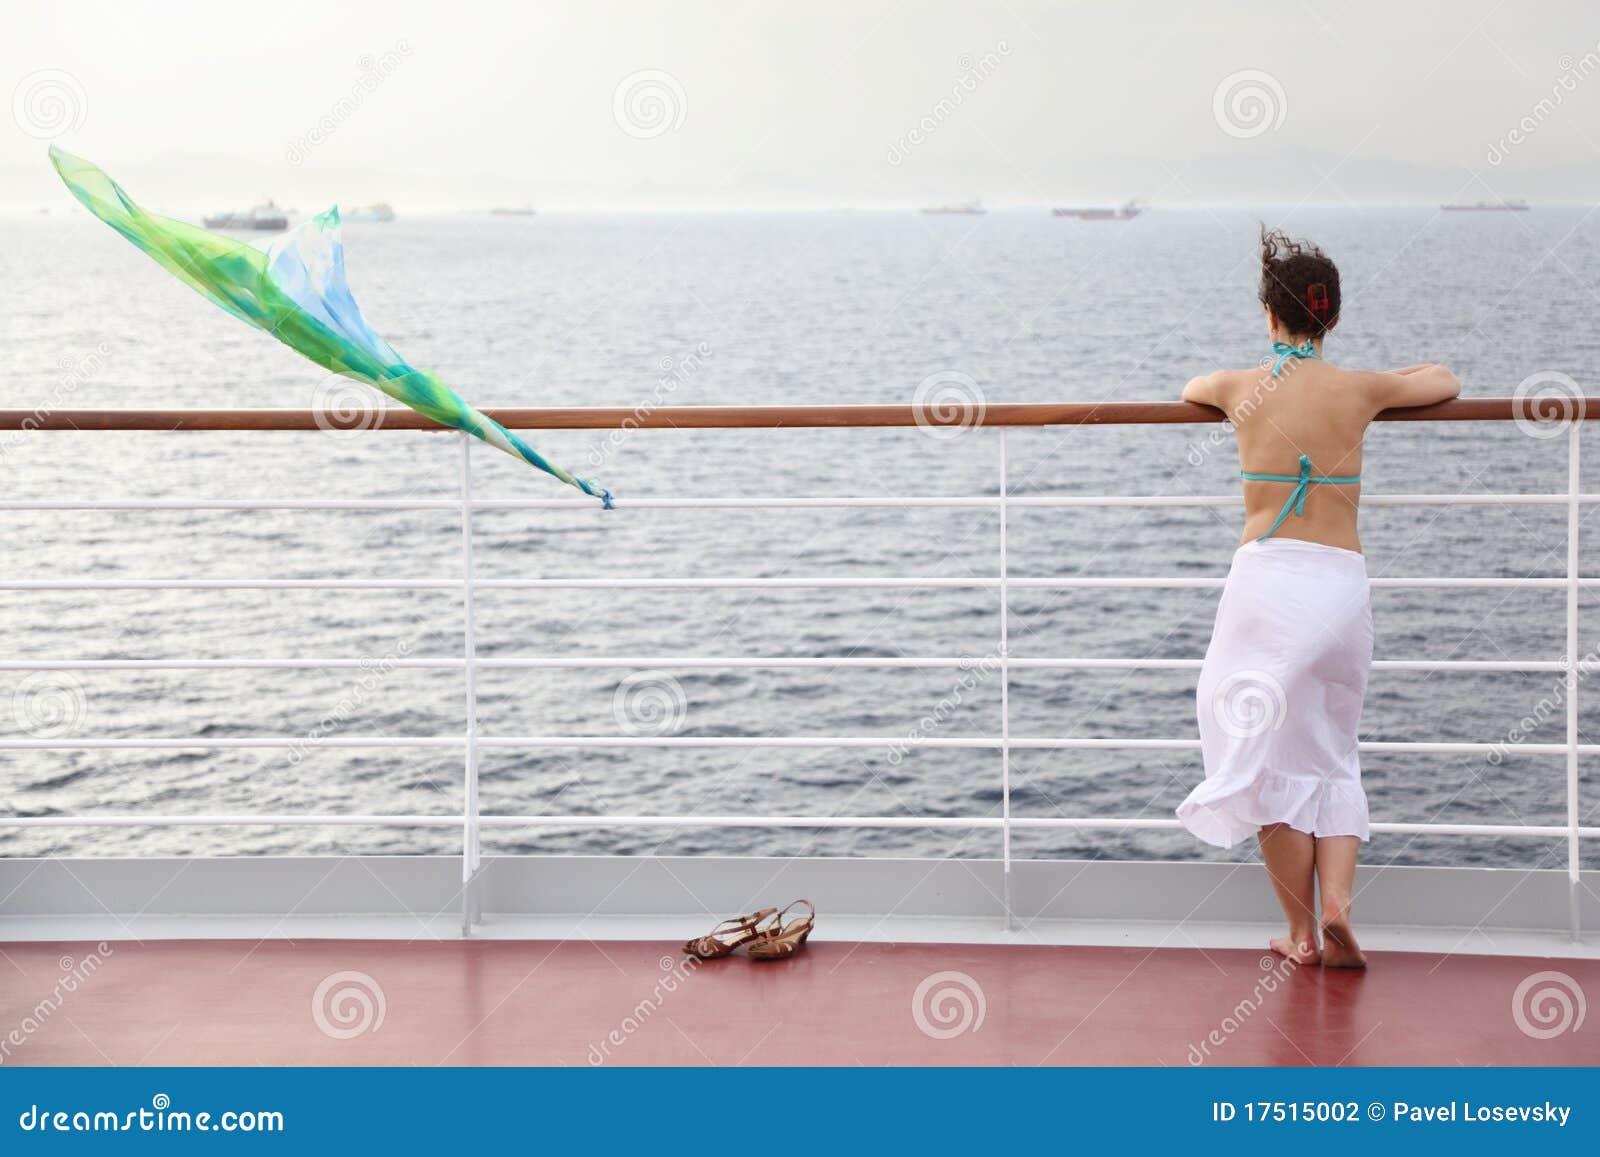 topless women cruise ship